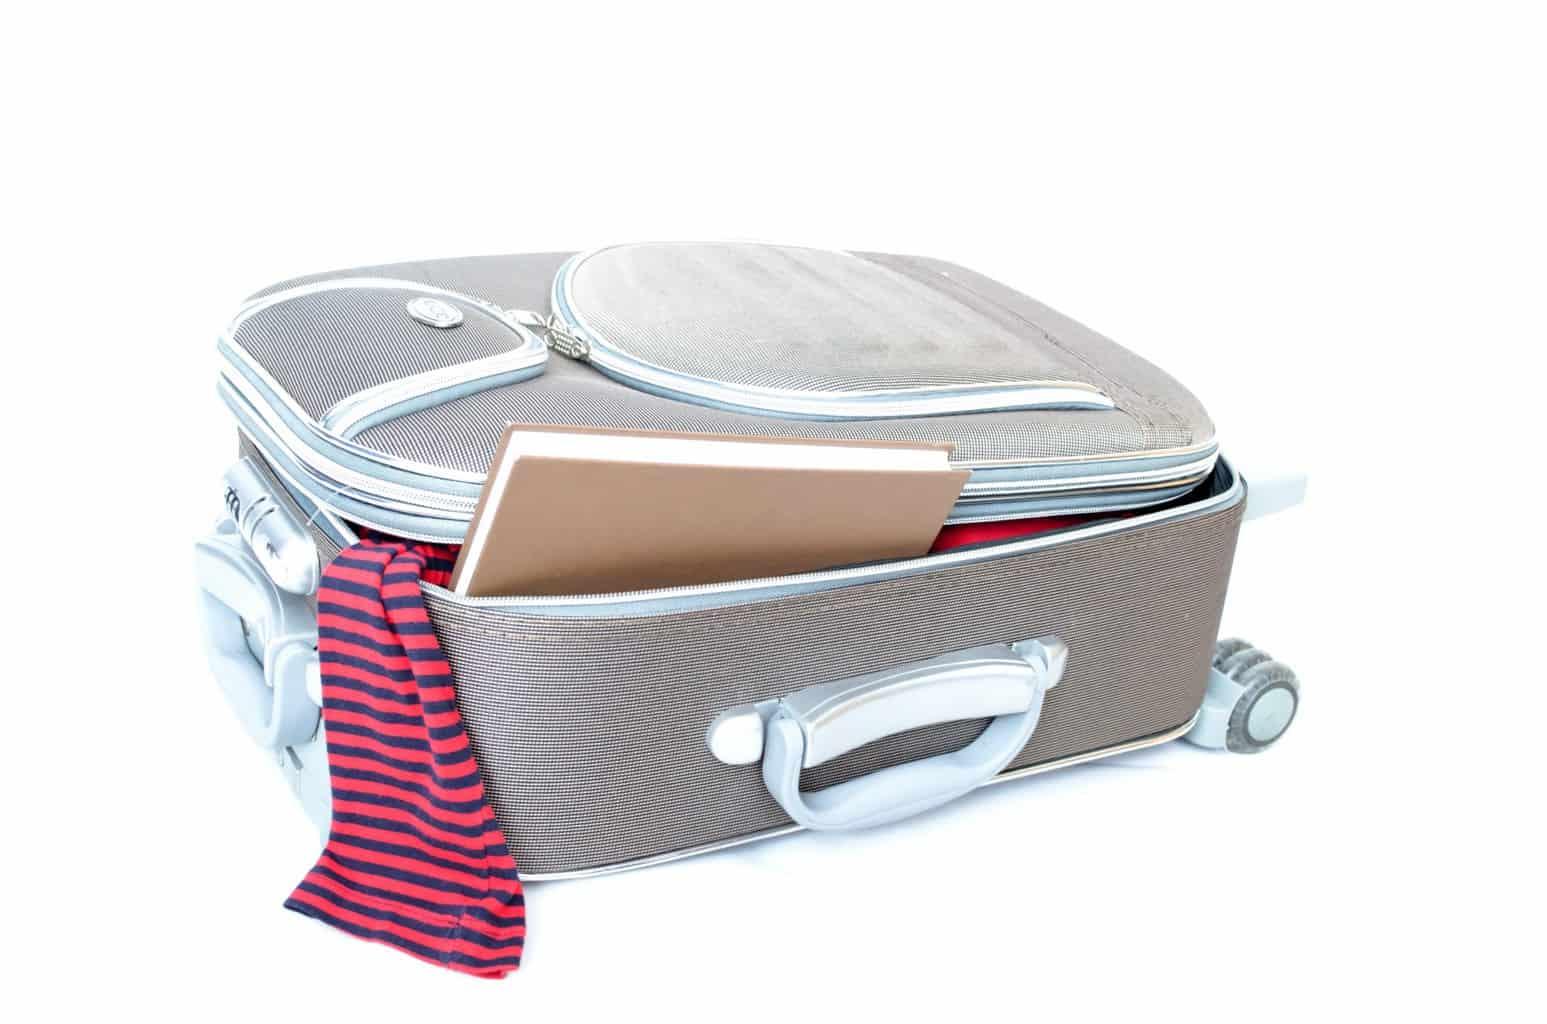 jak si správně zabalit kufr